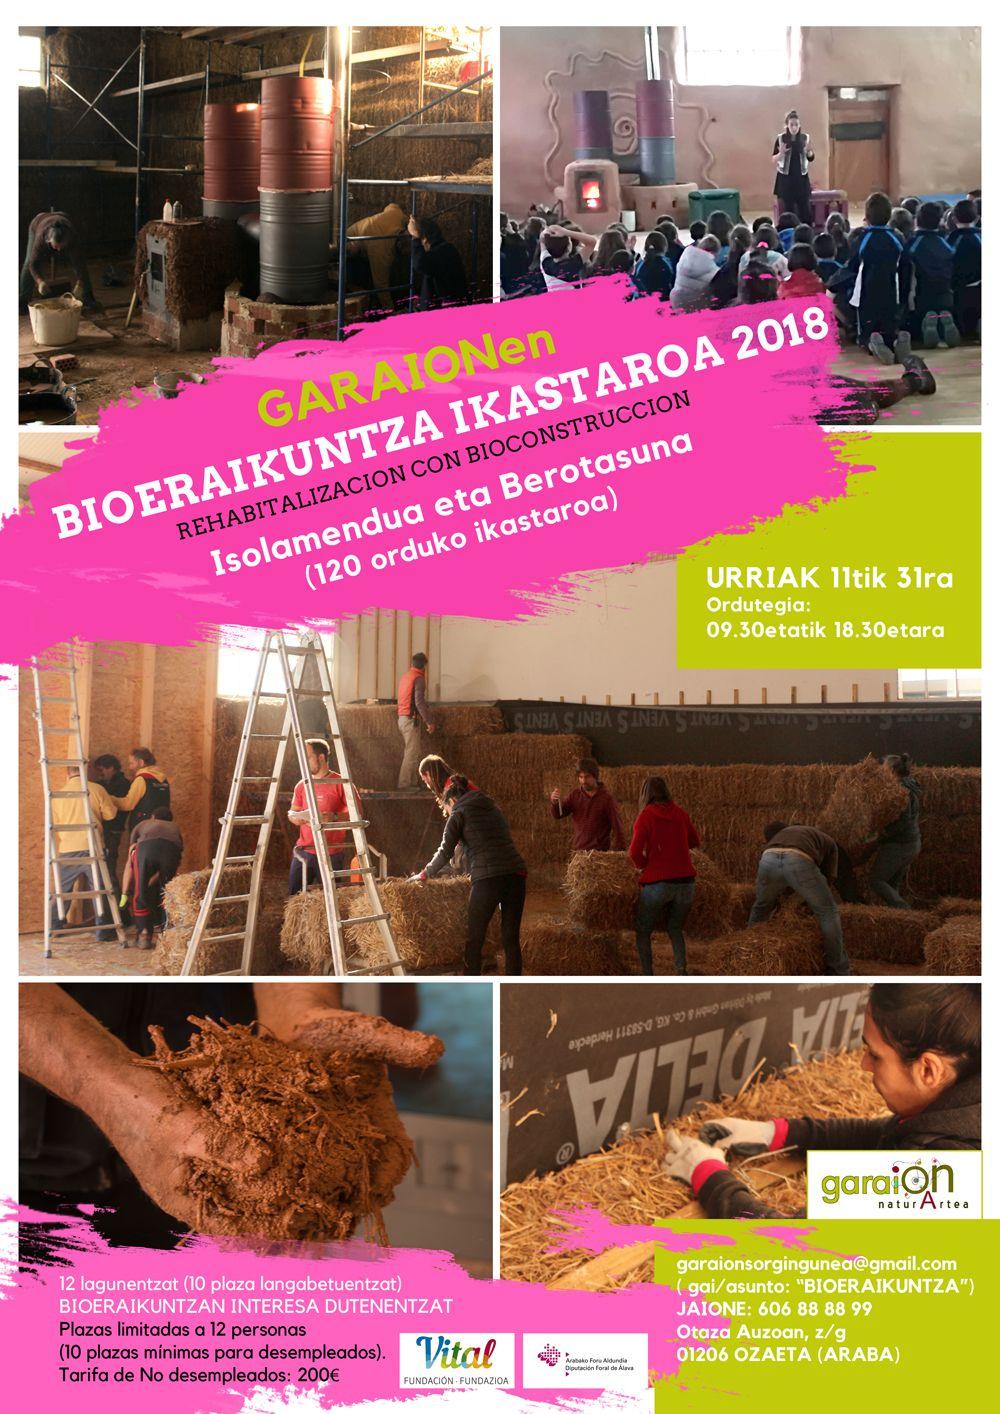 bioeraikuntza ikastaroa 2018